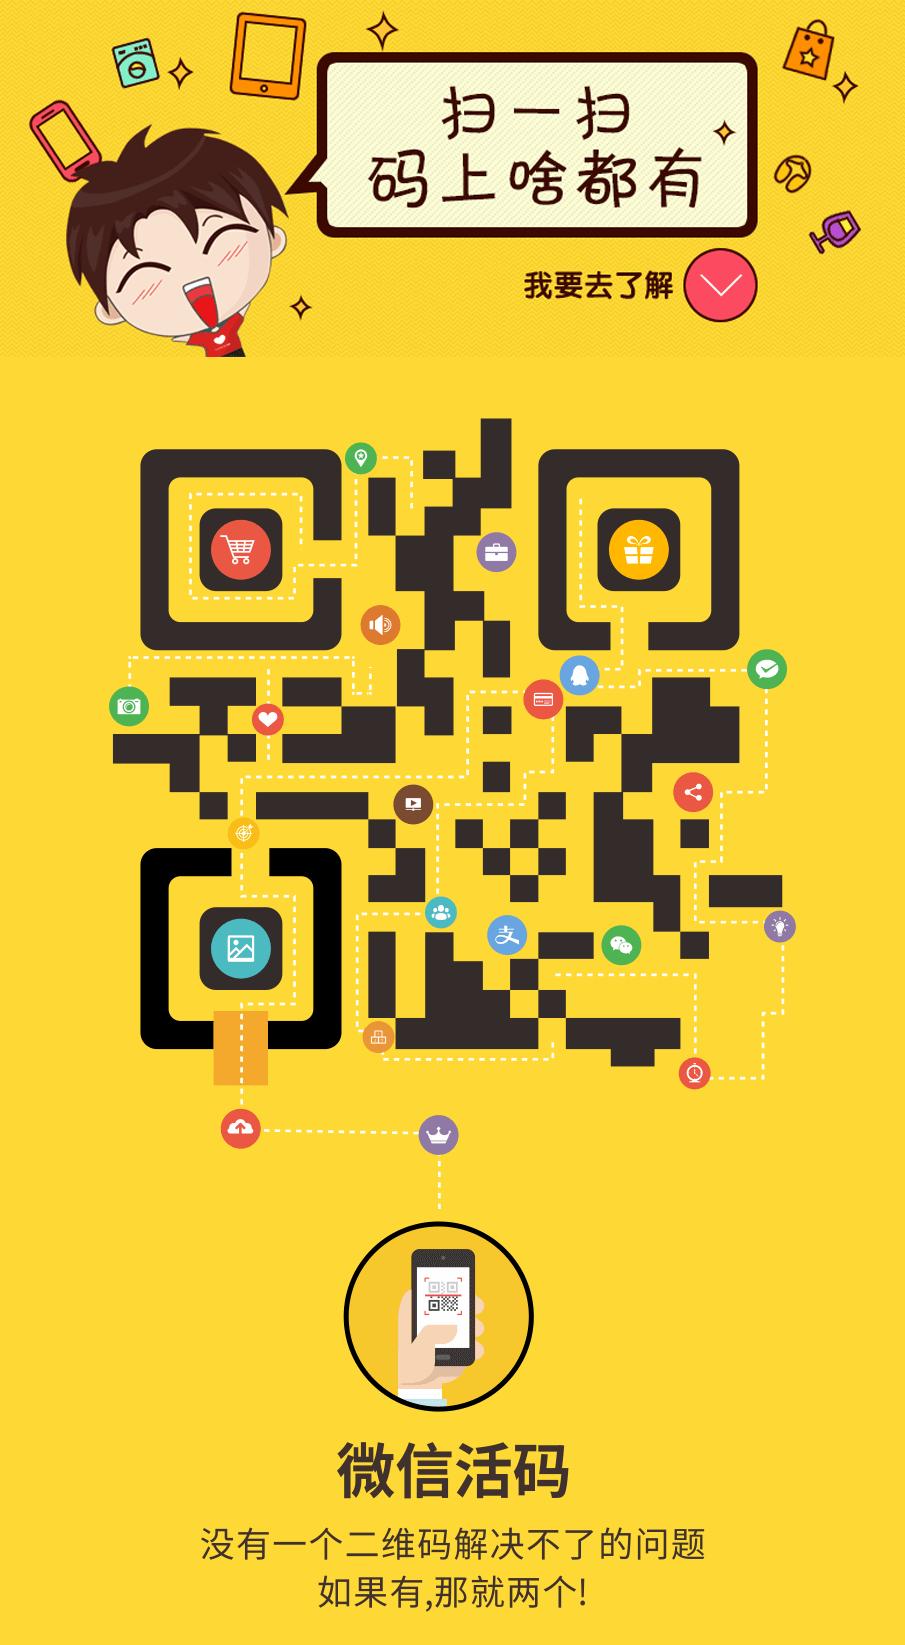 微信活码 3.8.0版本模块,二维码图案不变,内容可以随时变更